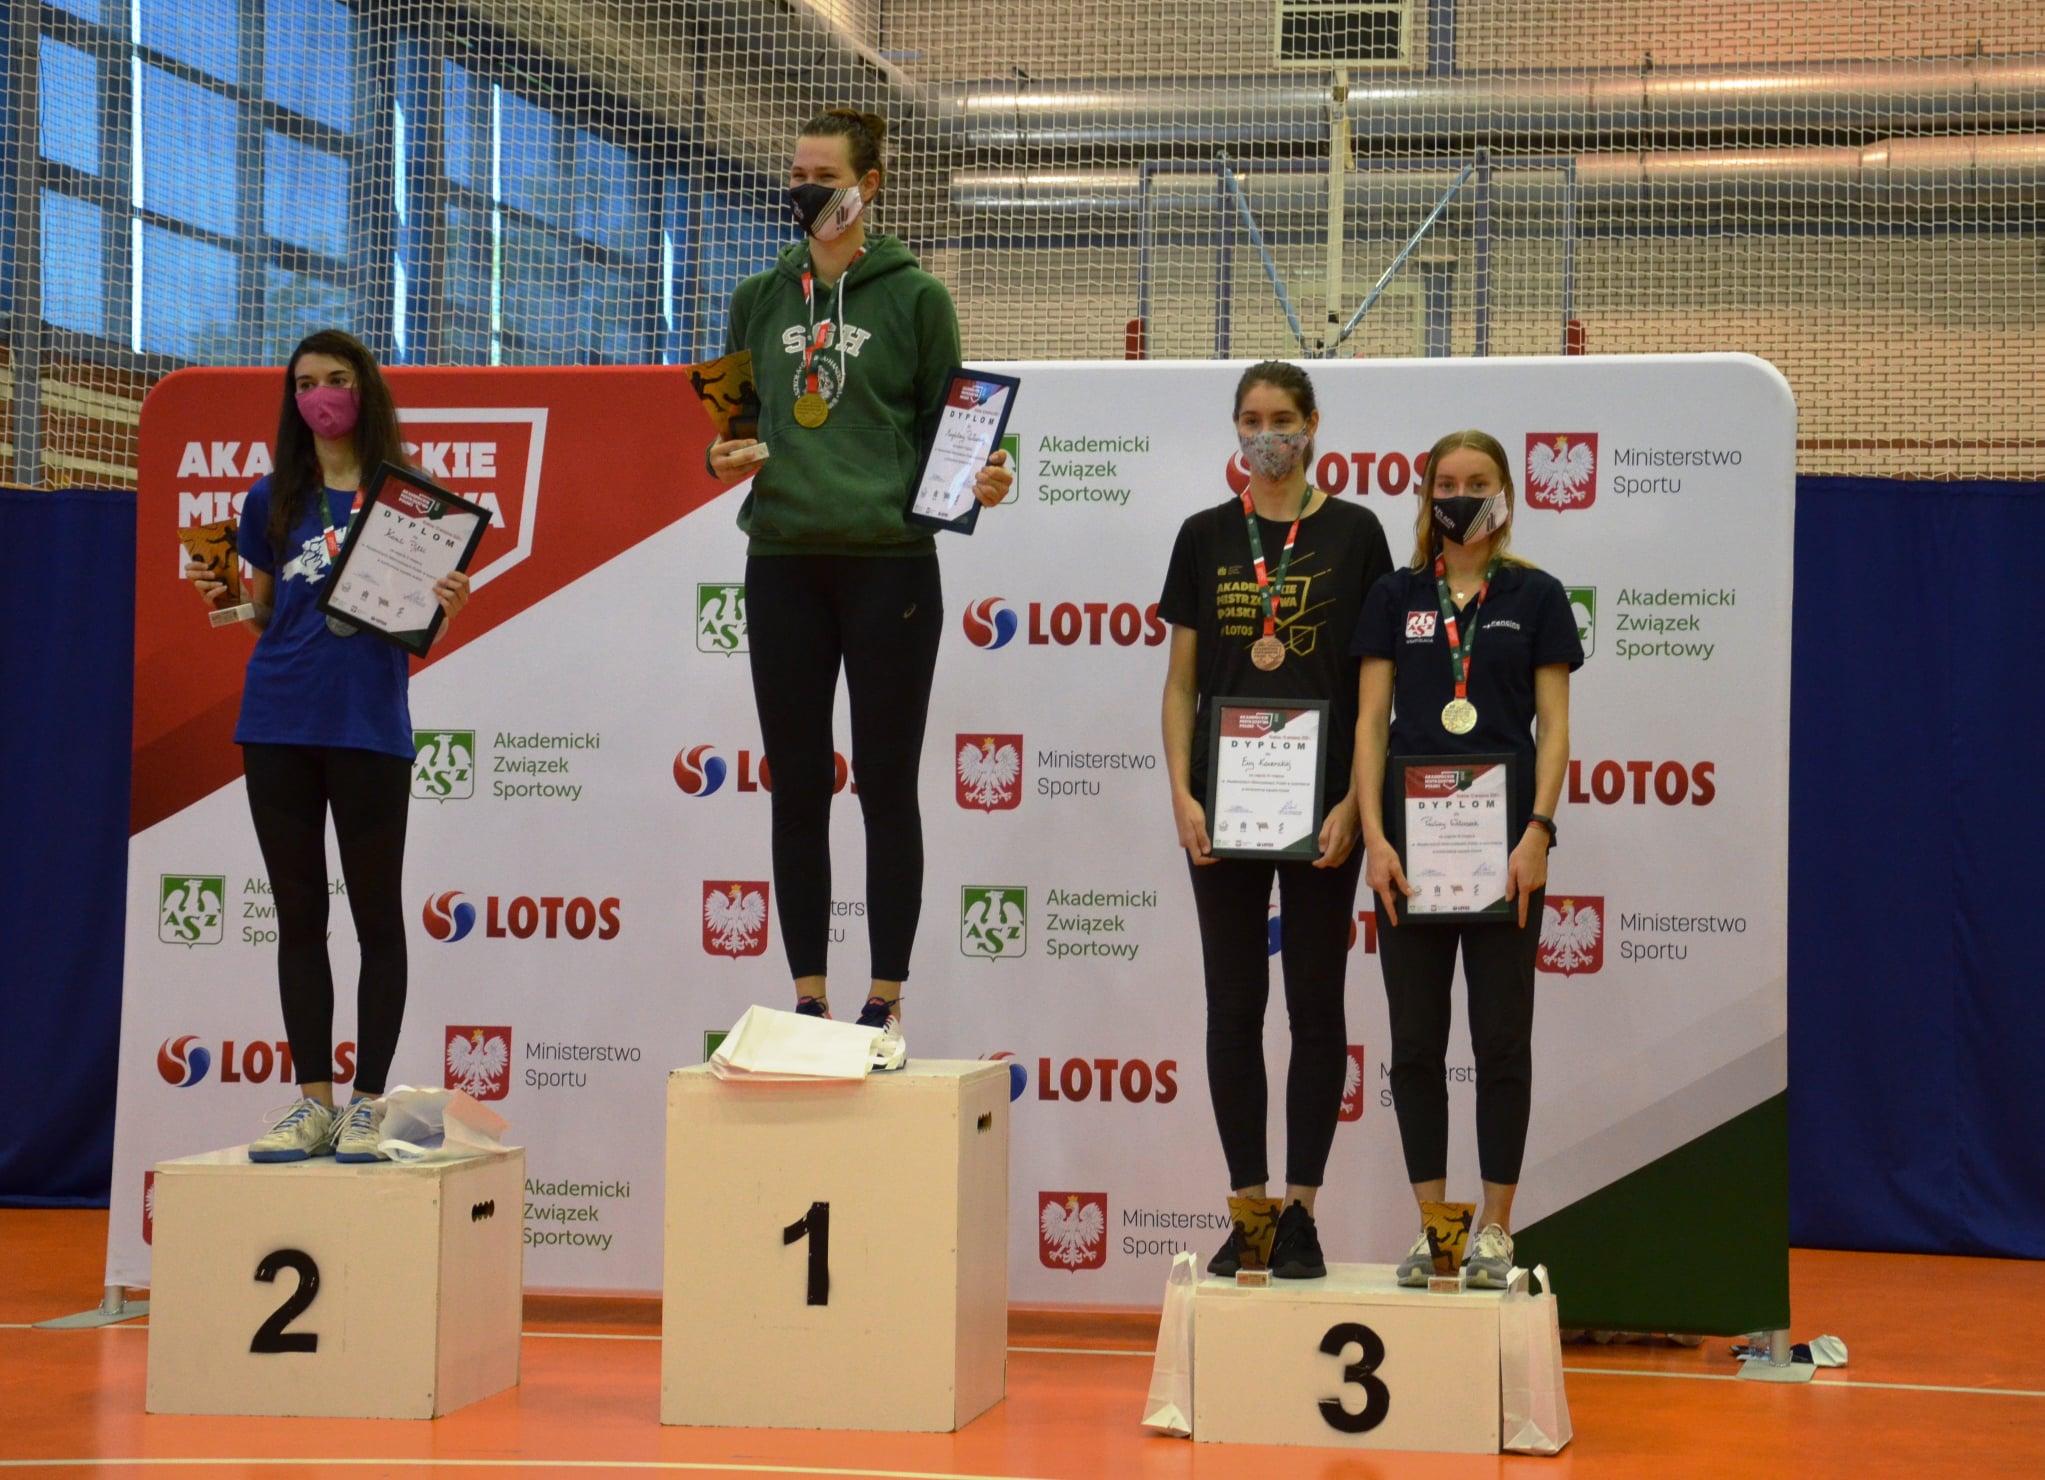 Studentka SGH z medalem i pucharem stoi na podium